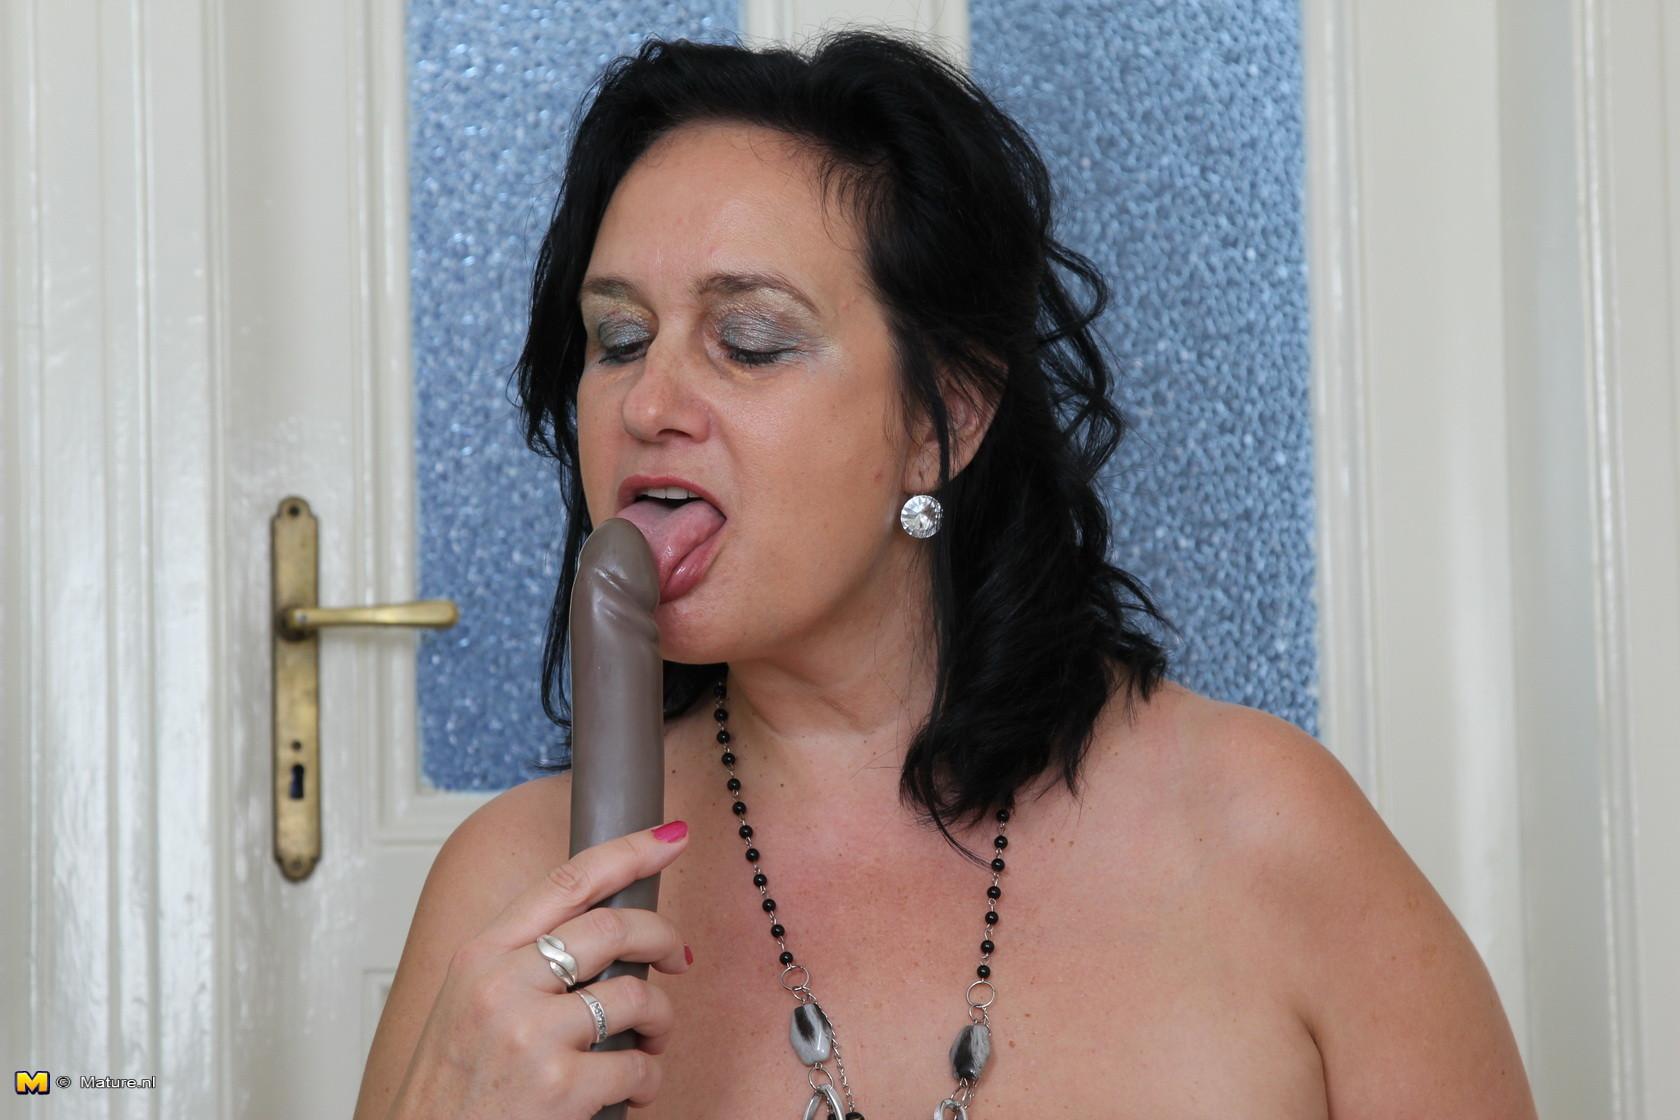 Зрелая женщина показывает свое пышное тело, а затем принимается облизывать искусственный фаллос